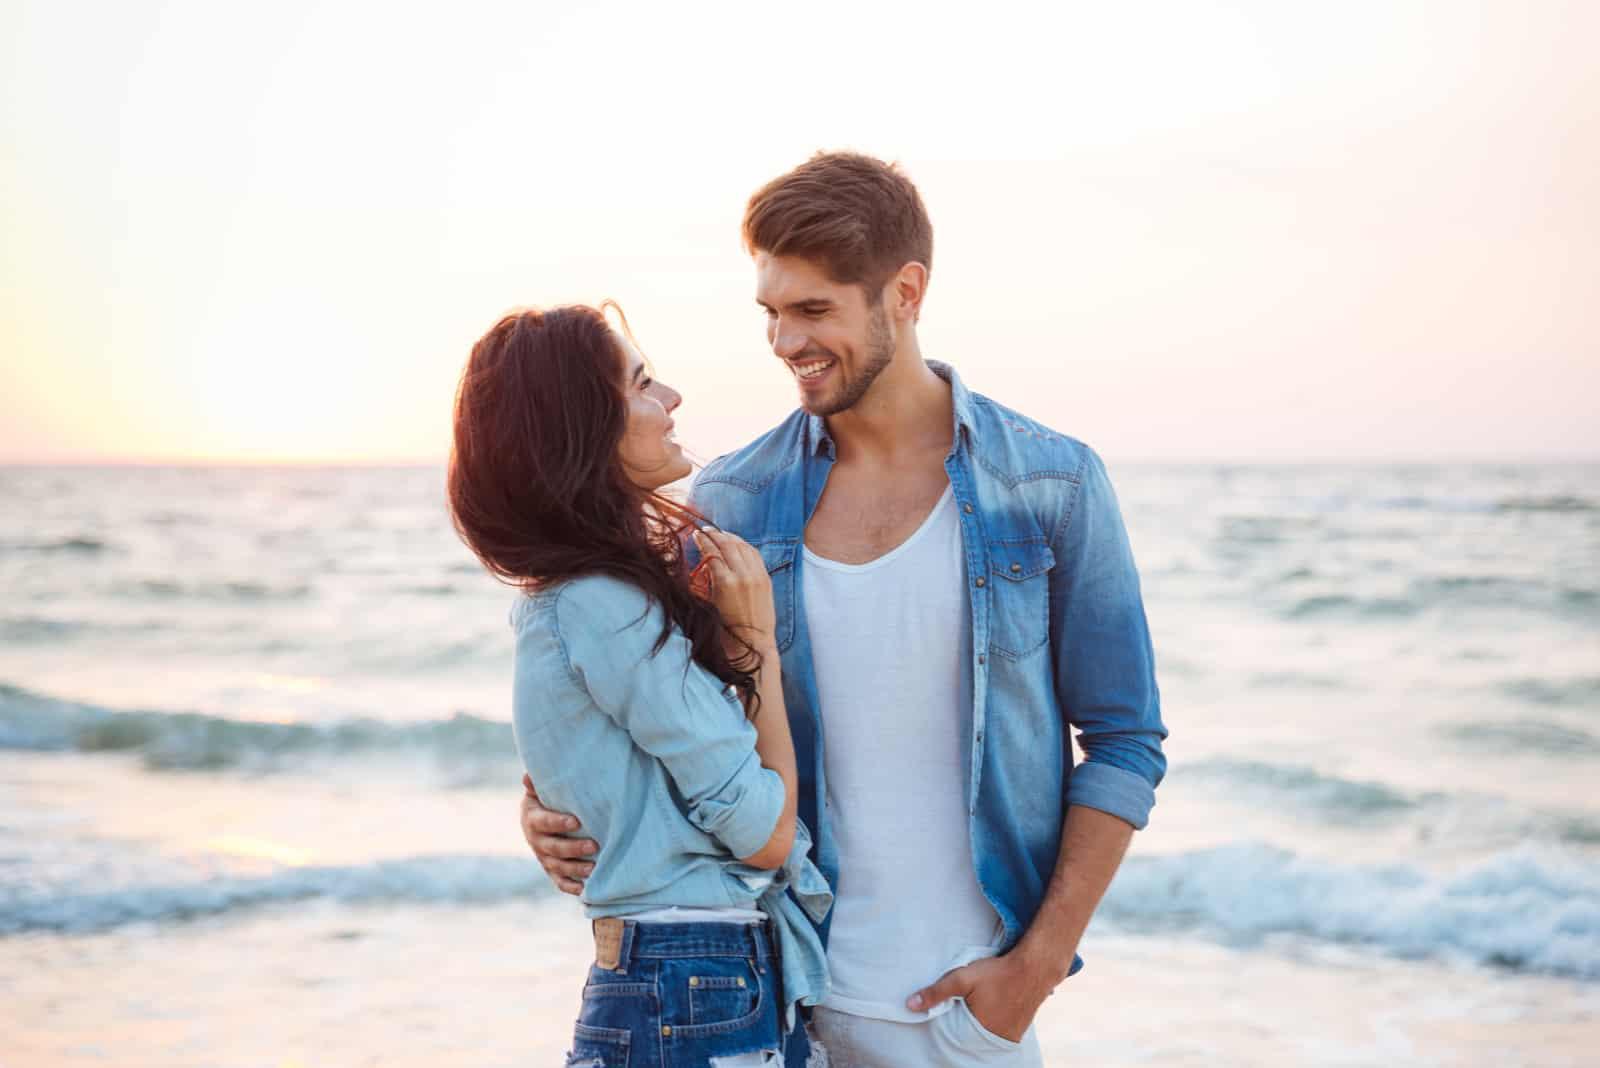 un homme et une femme s'embrassent au bord de la mer